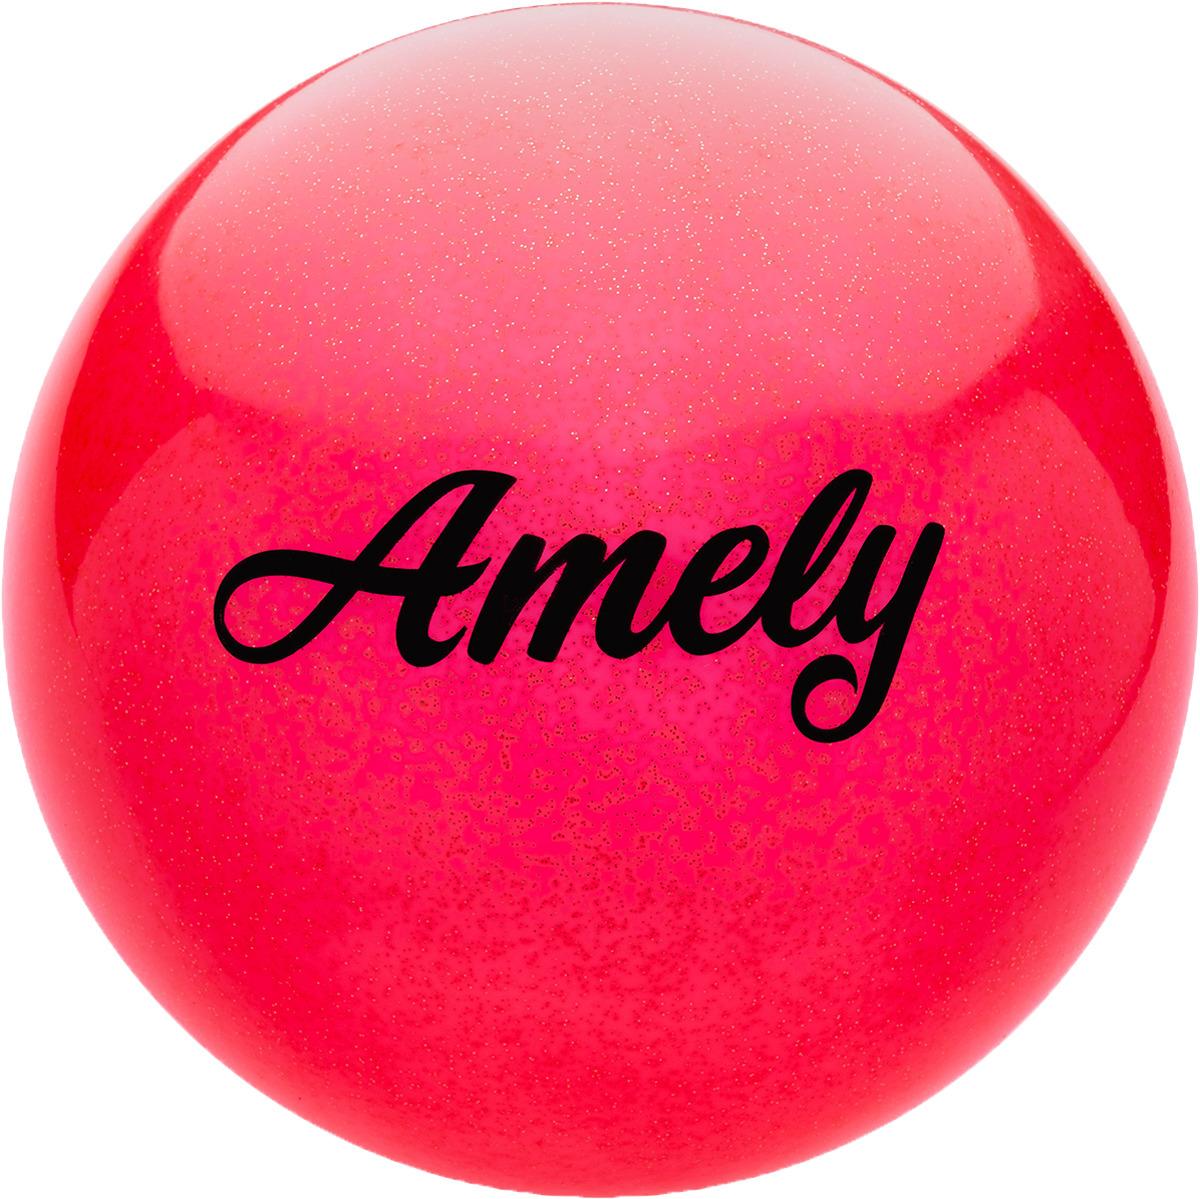 Мяч для художественной гимнастики Amely AGR-102, диаметр 19 см, цвет: красный с блестками лента для художественной гимнастики amely agr 201 длина 6 м с палочкой 56 см цвет фиолетовый